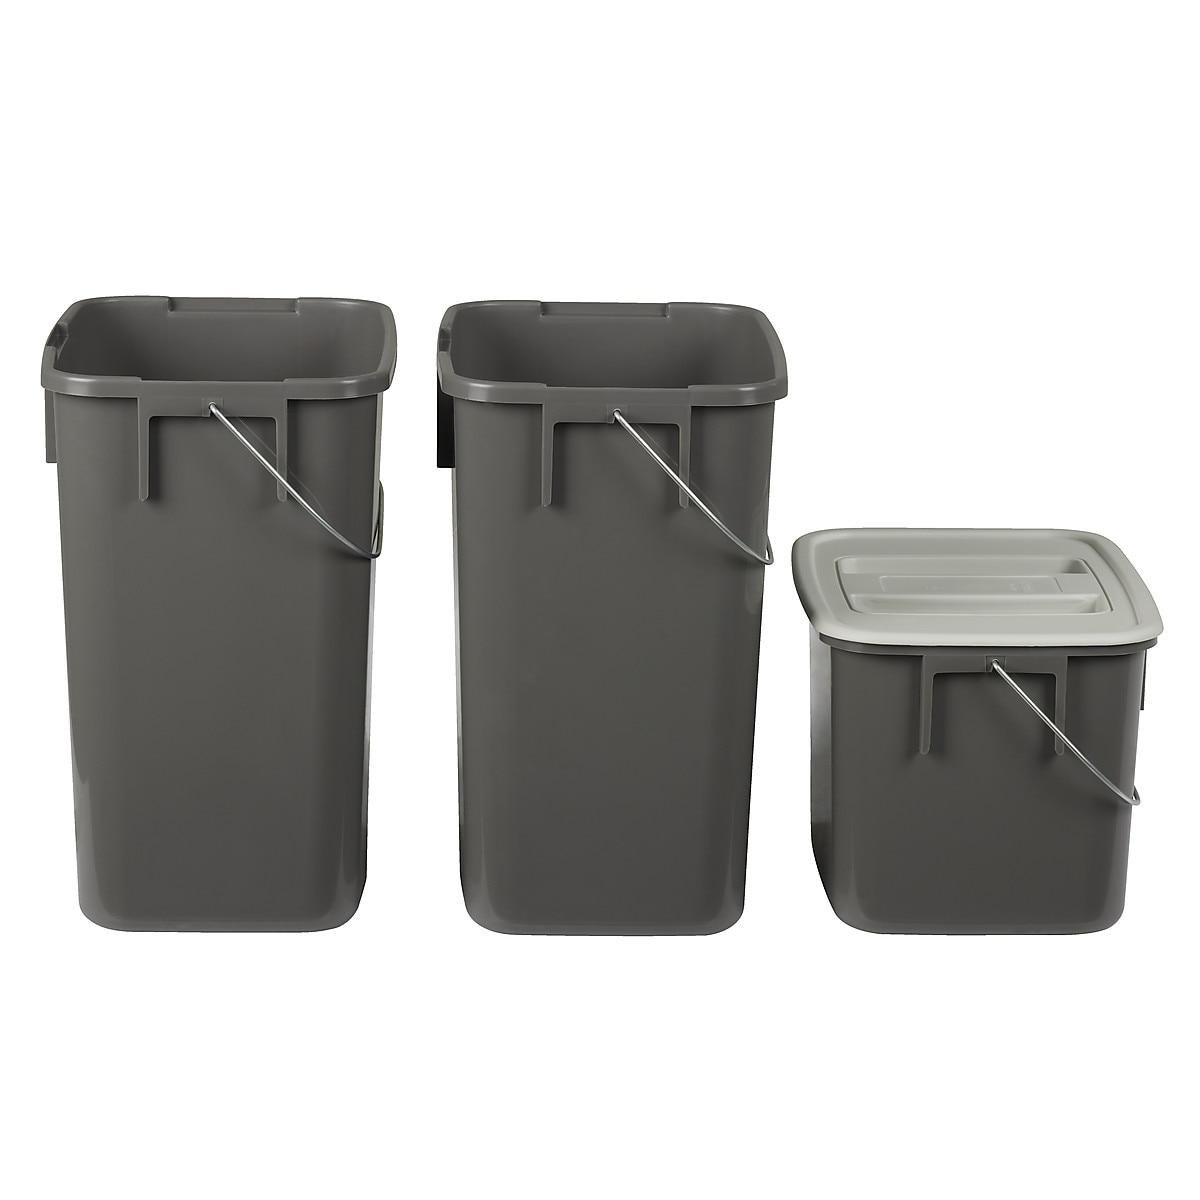 Kildesorteringssett til avfall, med uttrekk | Clas Ohlson